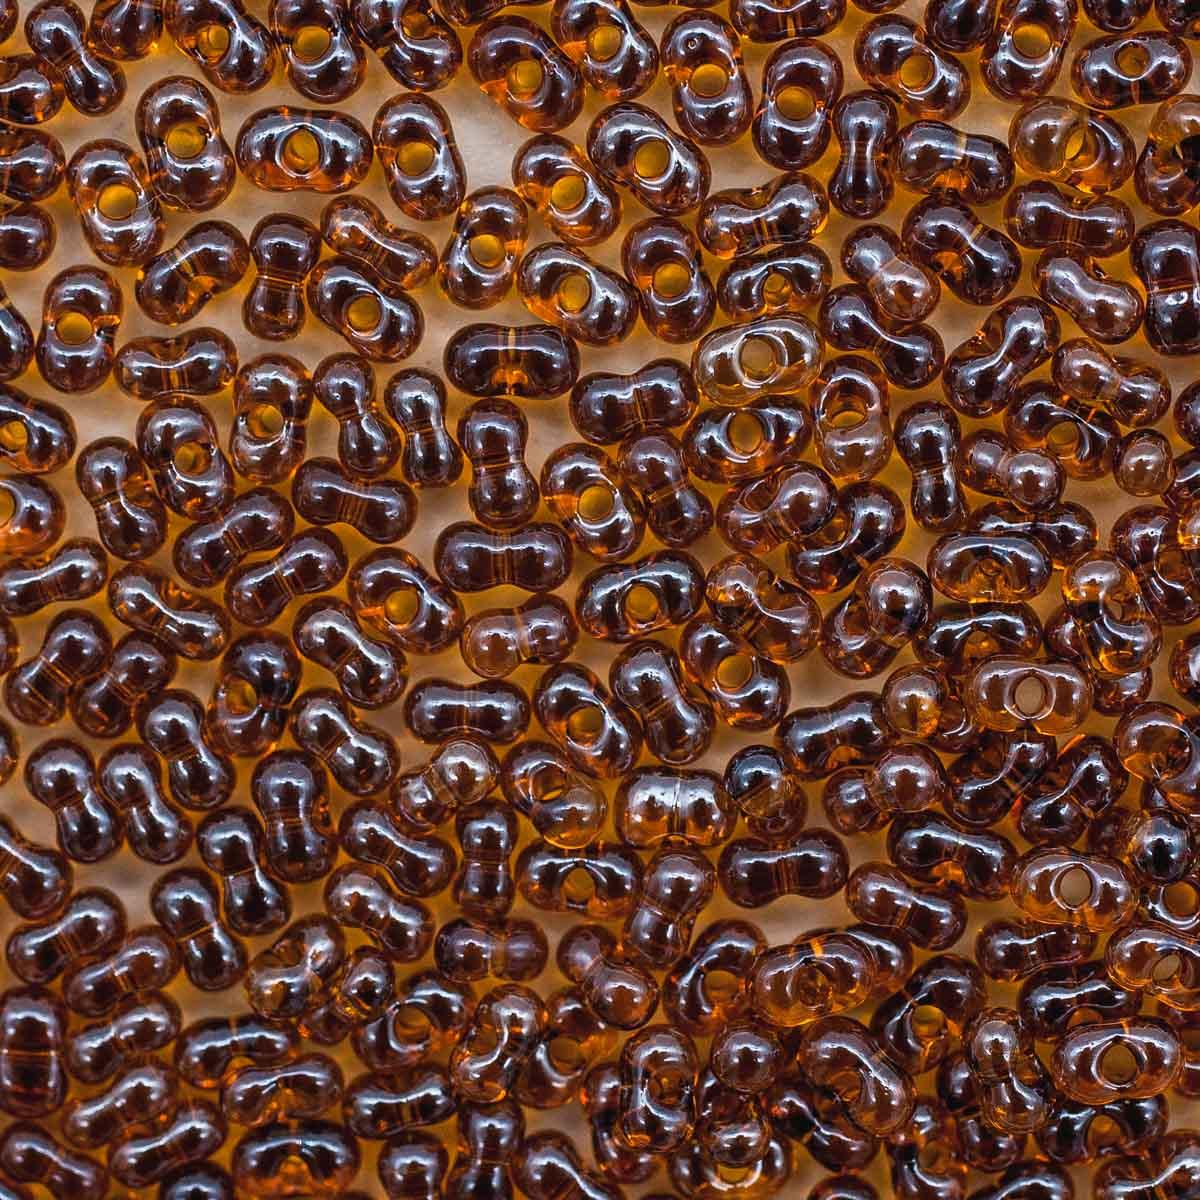 Бисер Farfalle 2/4мм (16090) прозрачный с покрытием, 50гр Preciosa